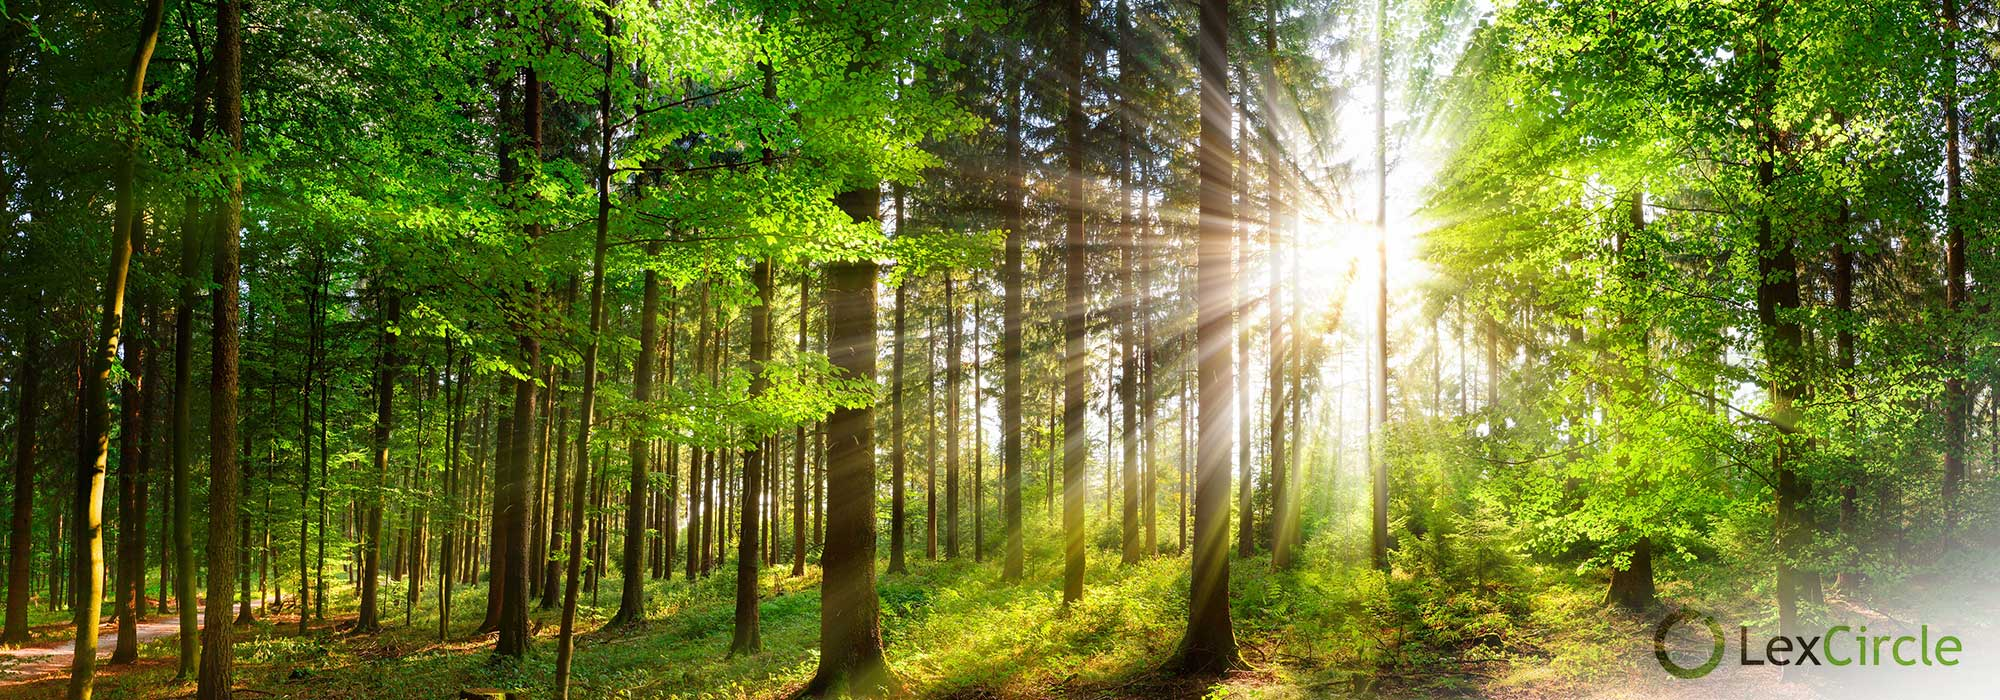 skog og solen skinner